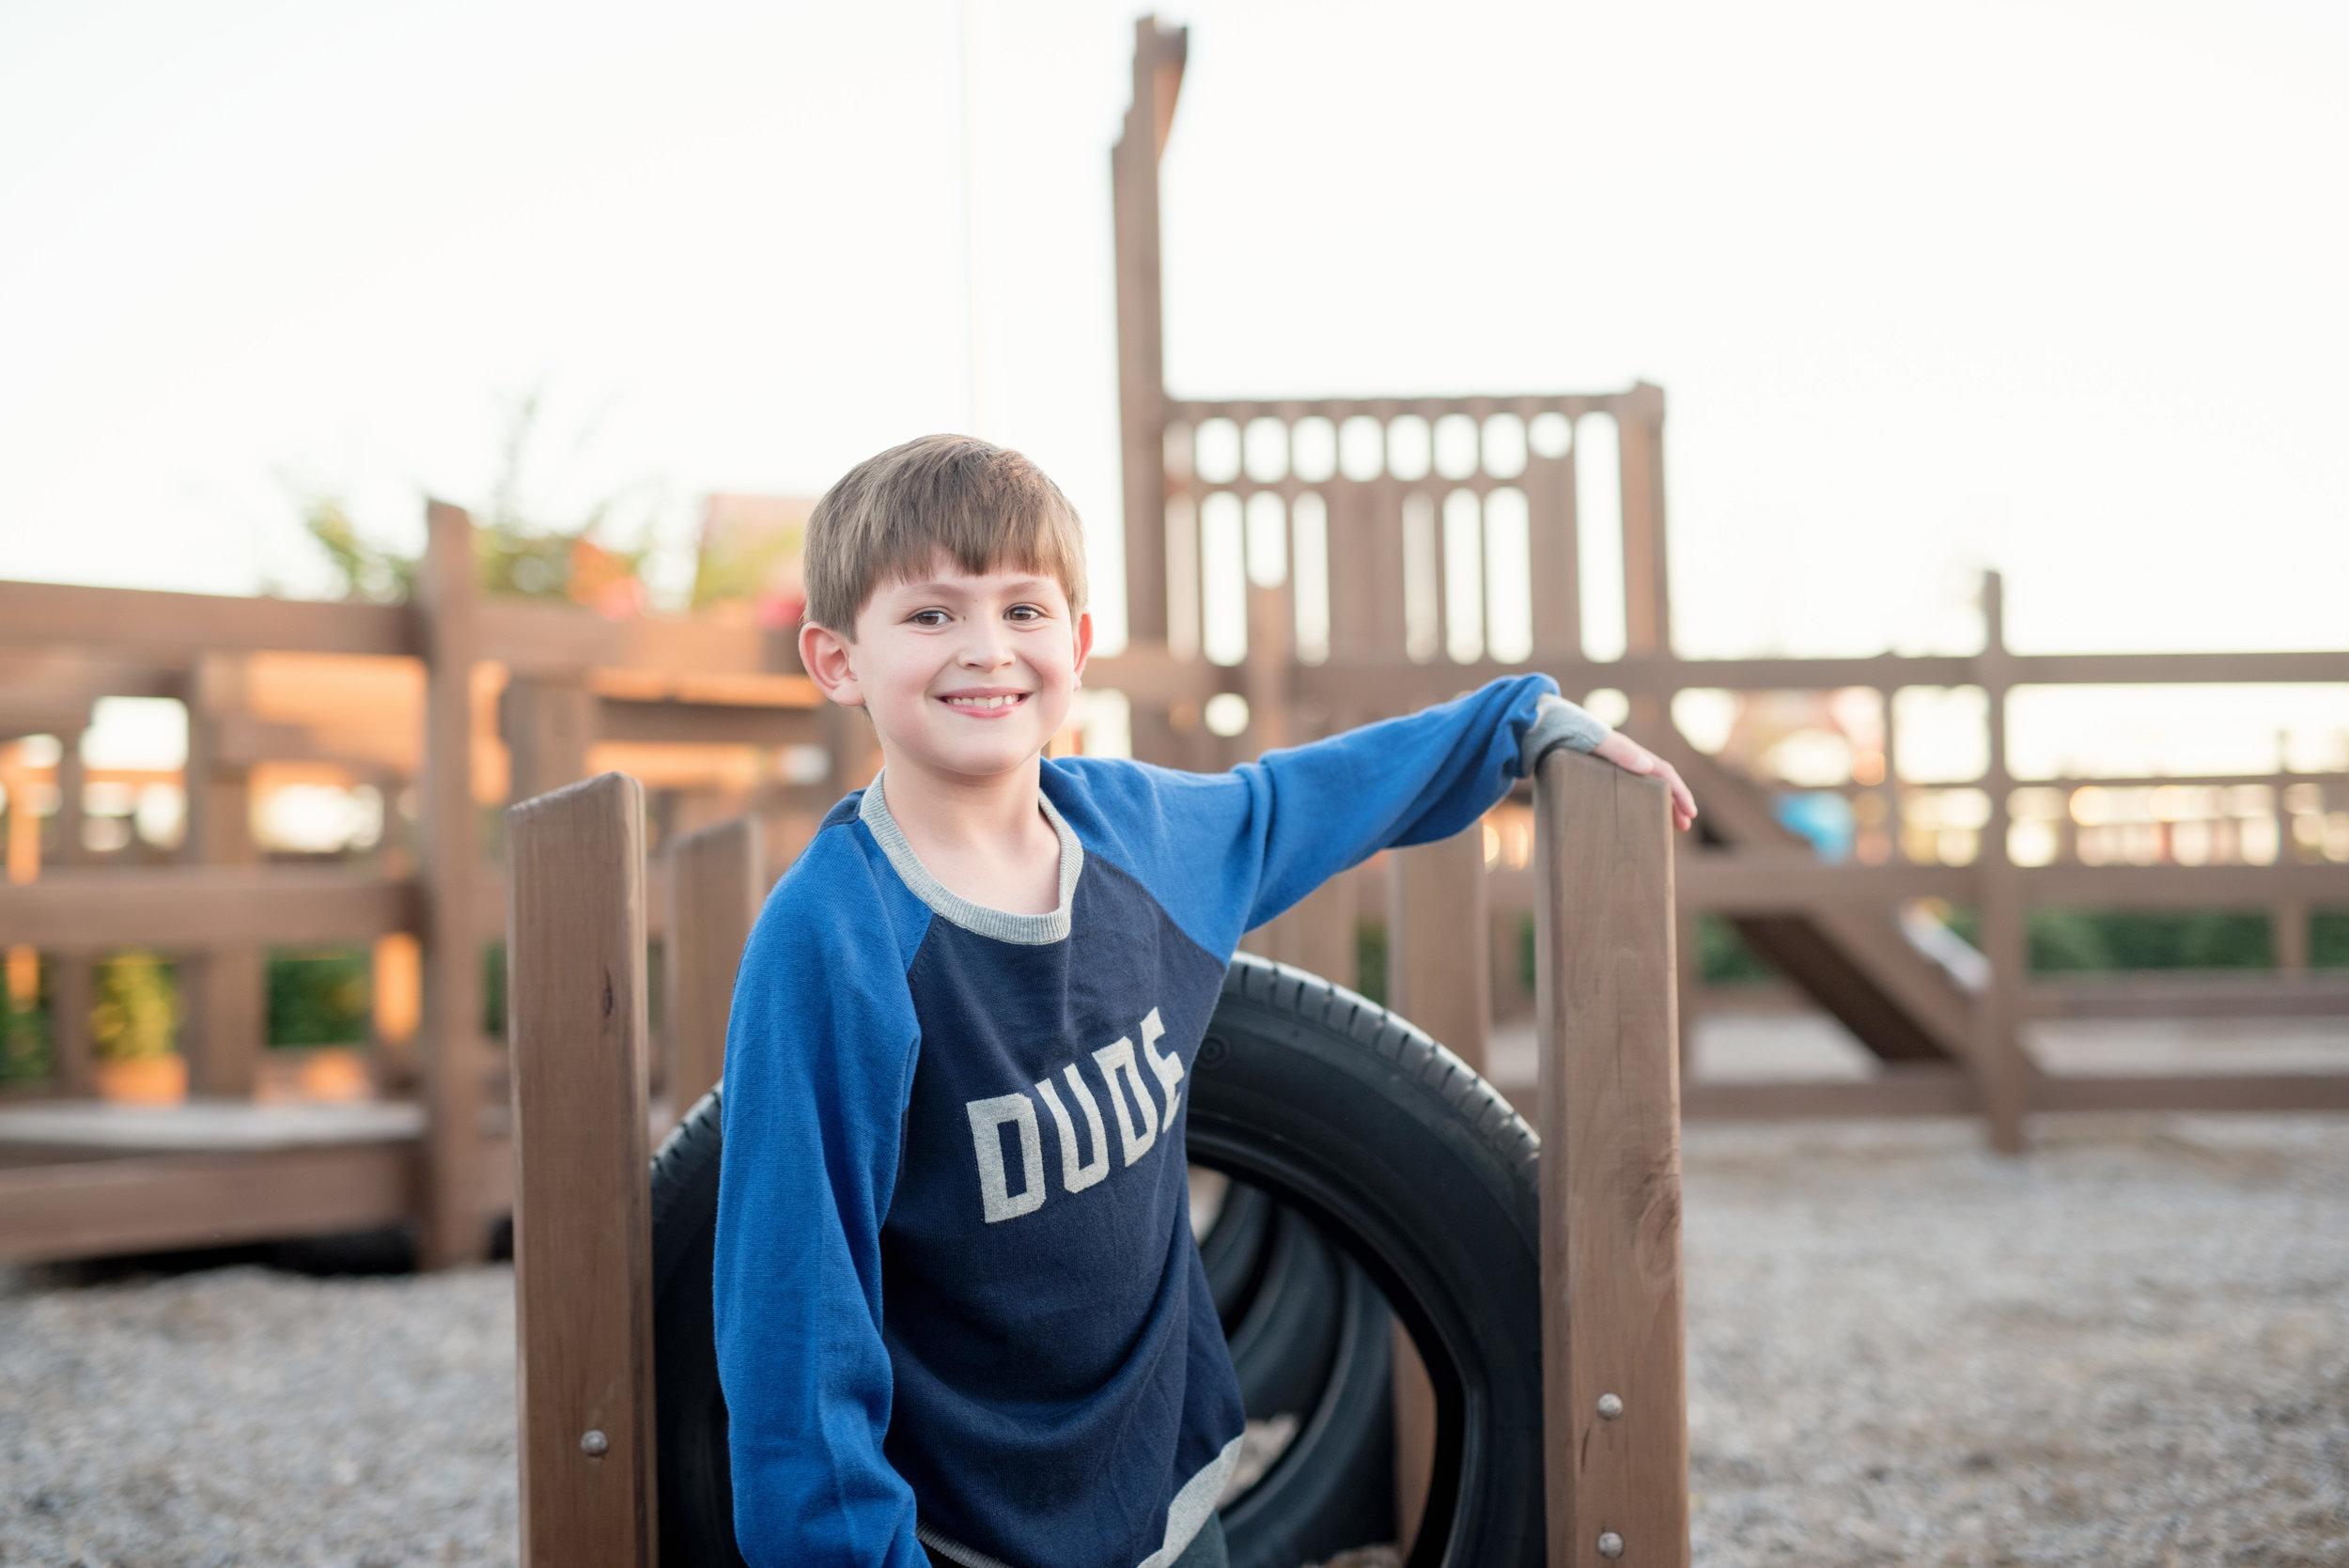 9 year old boy photos ideas at park